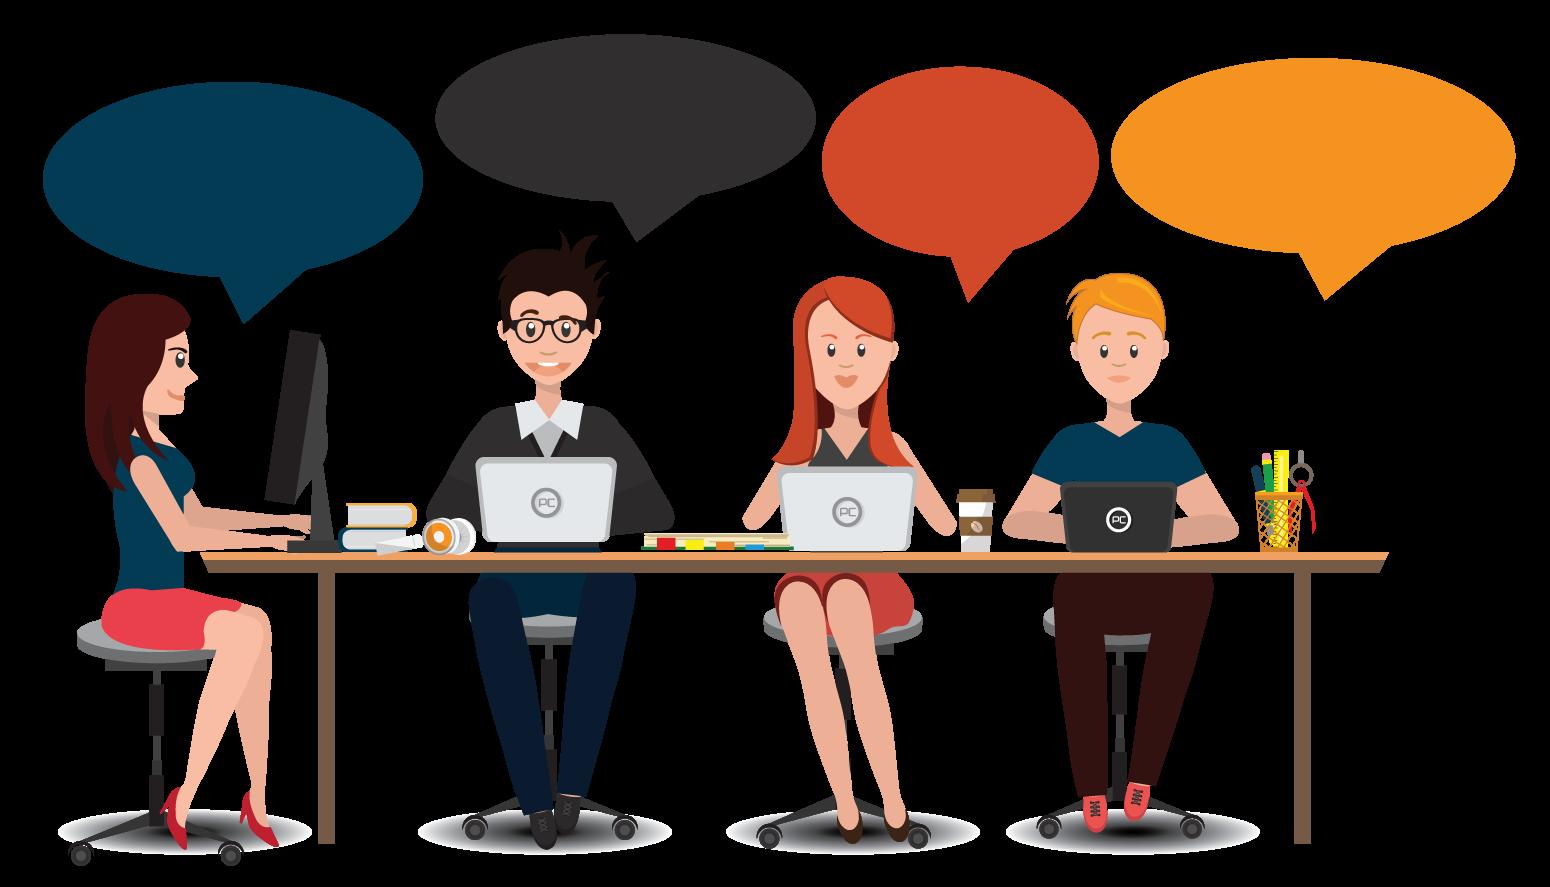 Посетители сайта: что нужно для удержания клиента